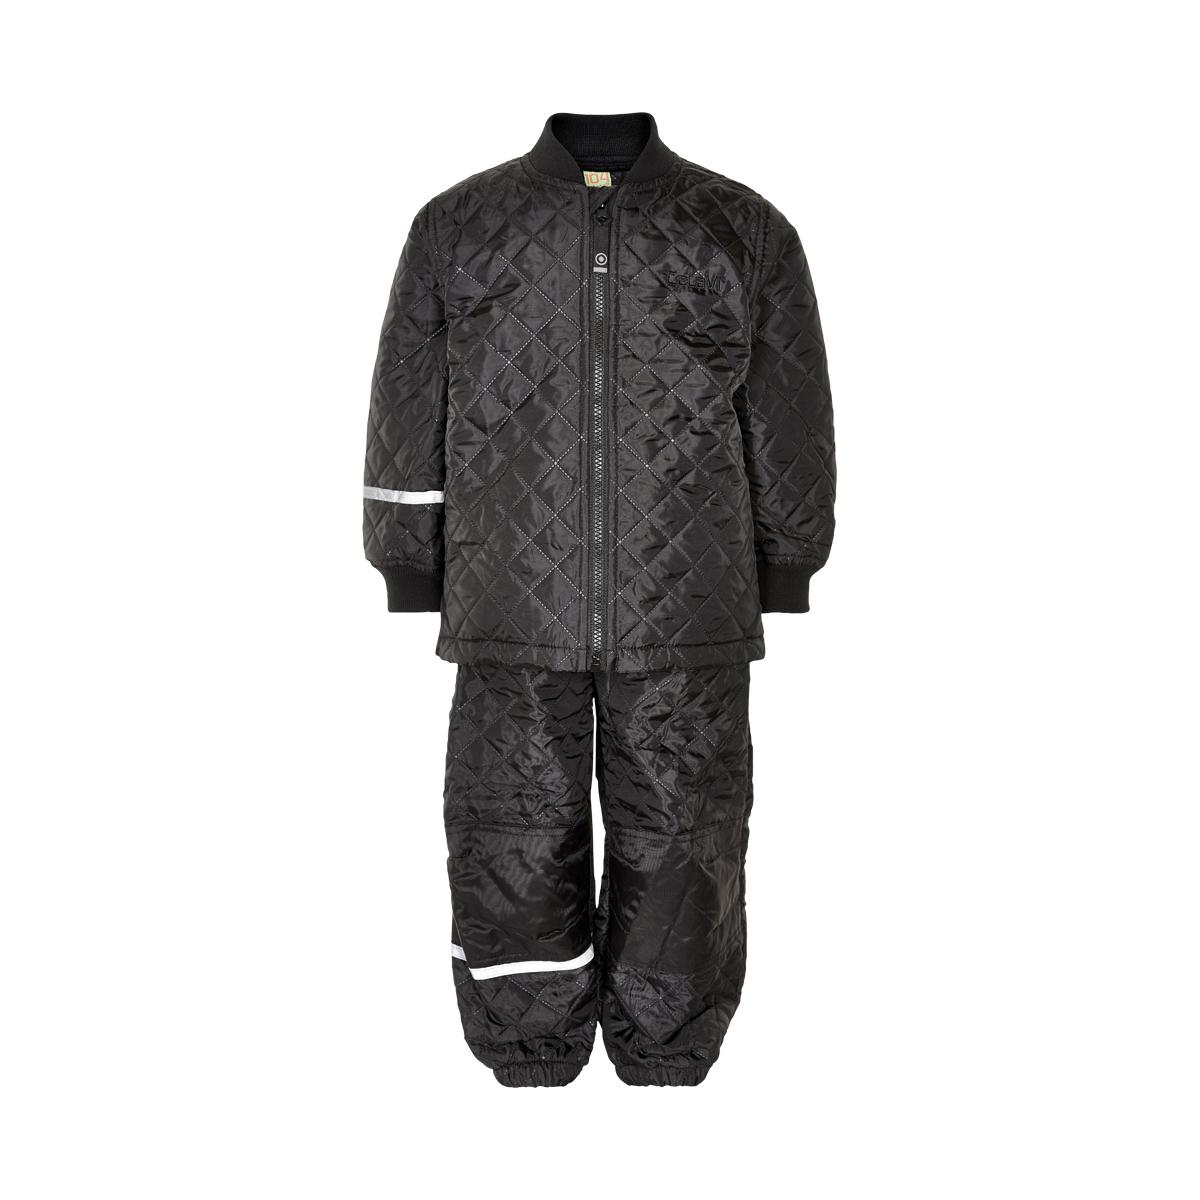 CeLaVi dětský termo oblek 3555-106